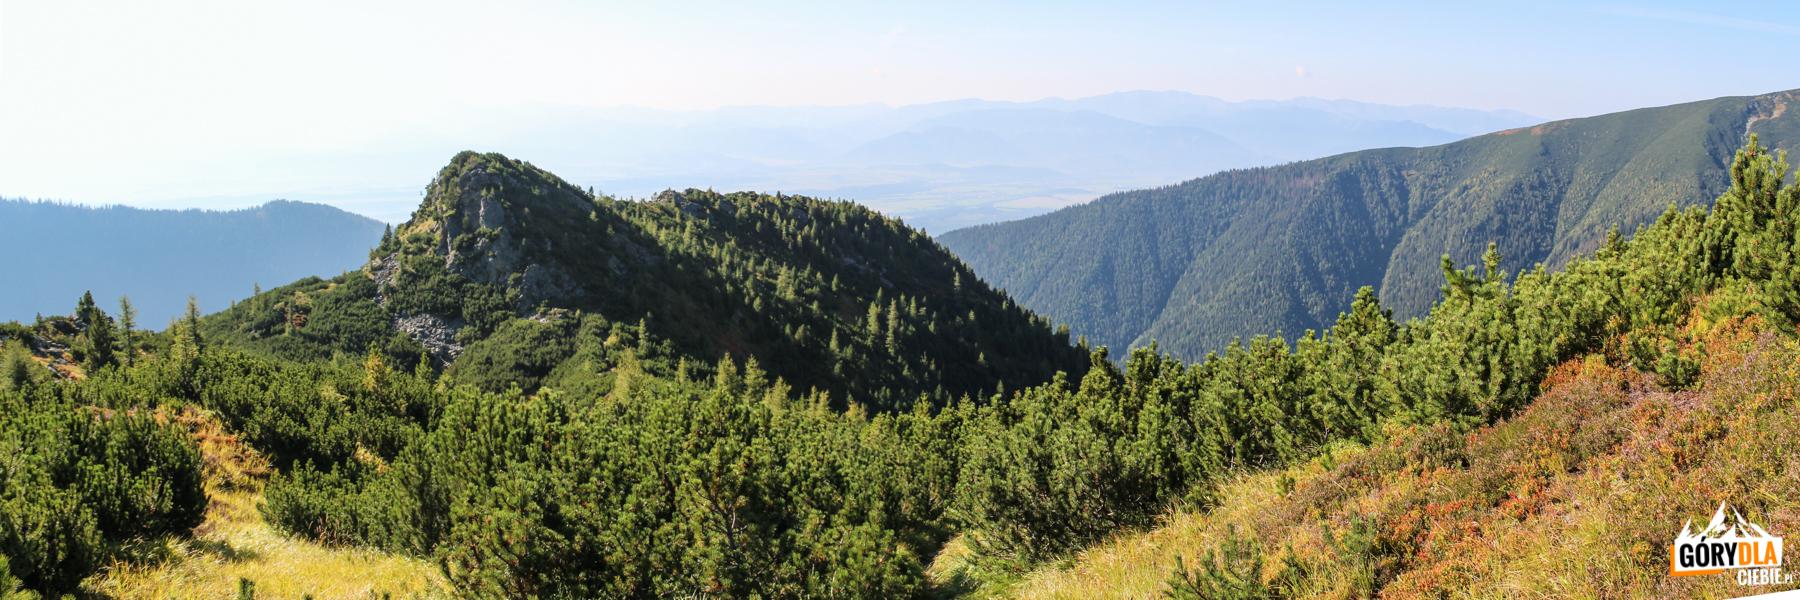 Ostredok (Małe Otargańce) dwuwierzchołkowy szczyt (wys. 1674 m i 1714 m)